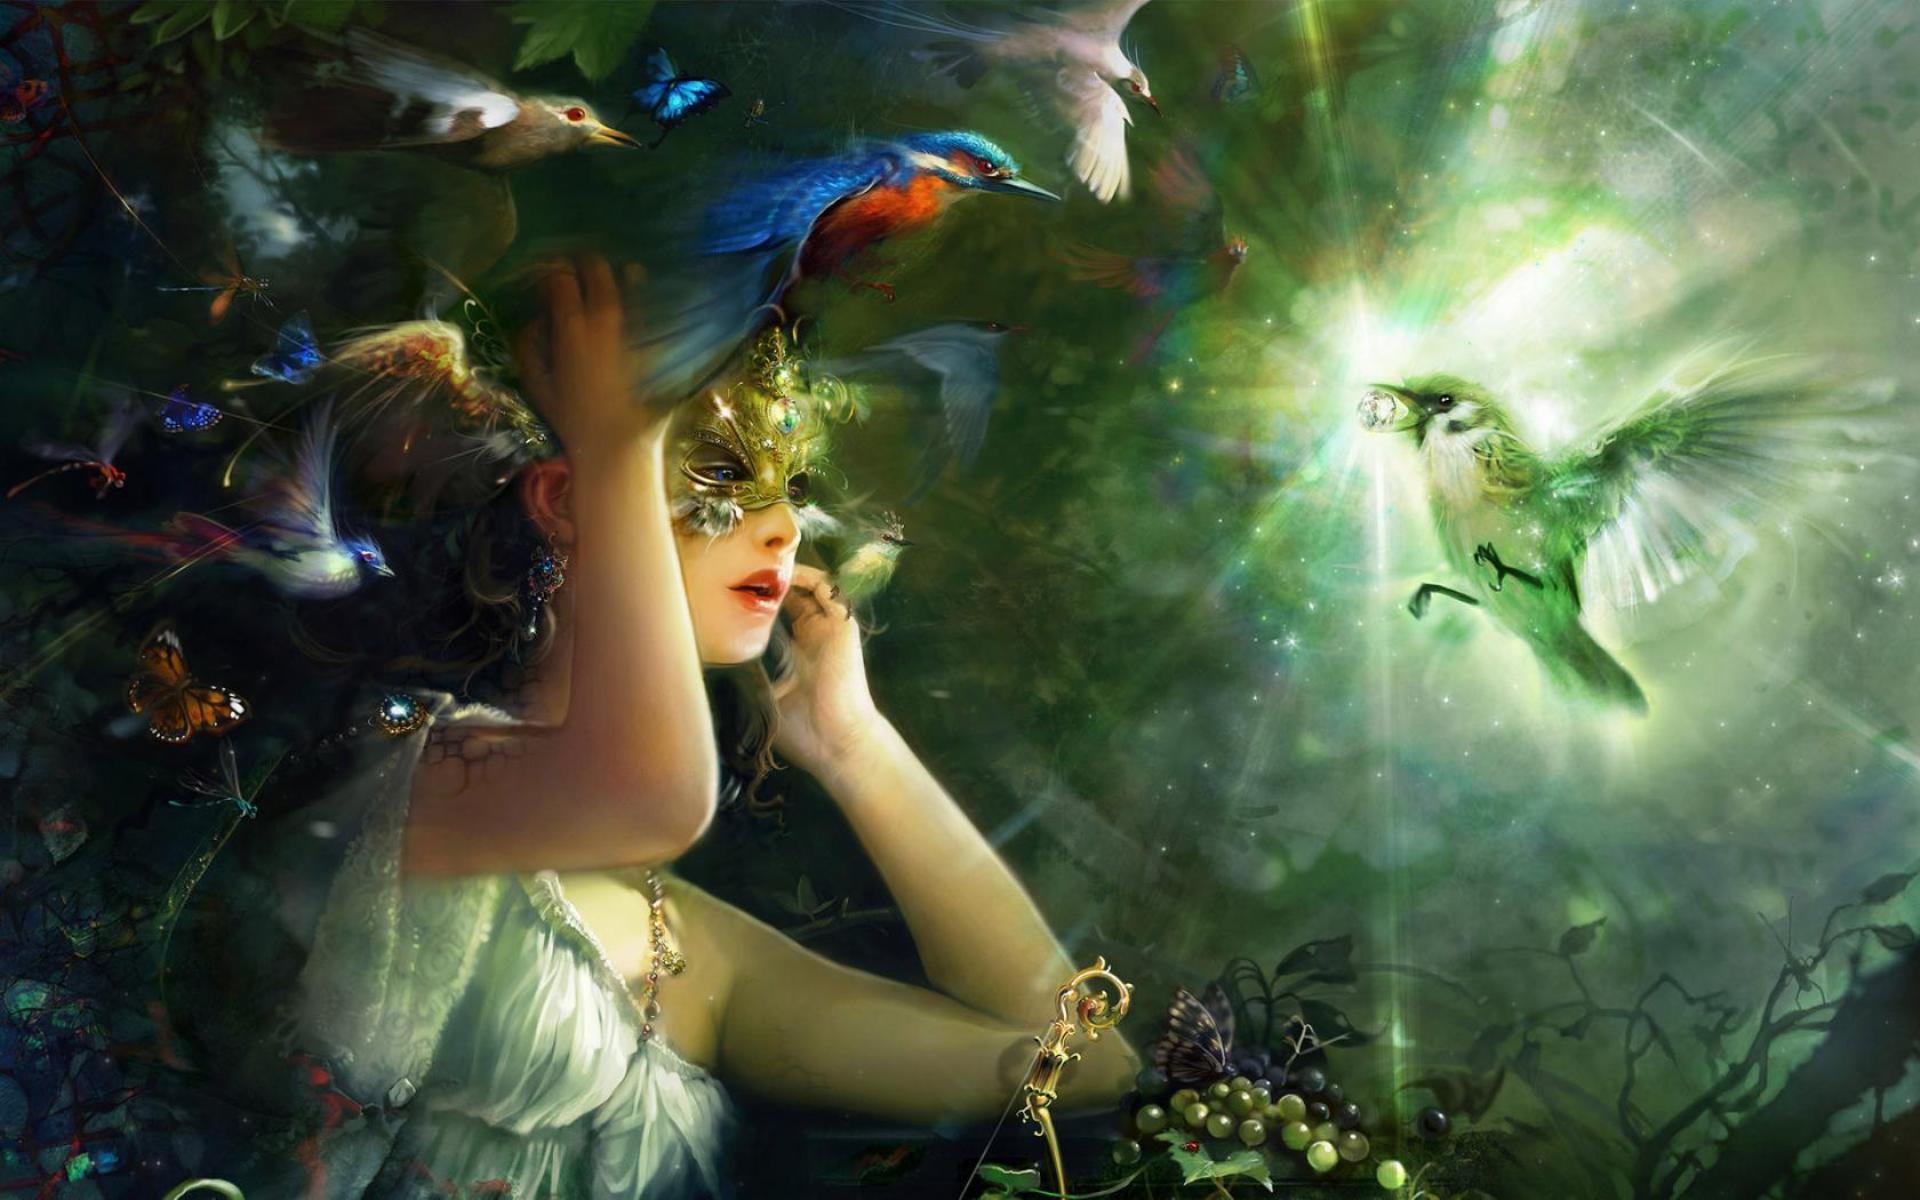 3d-abstract-art-beautiful-girl-background-wallpaper.jpg